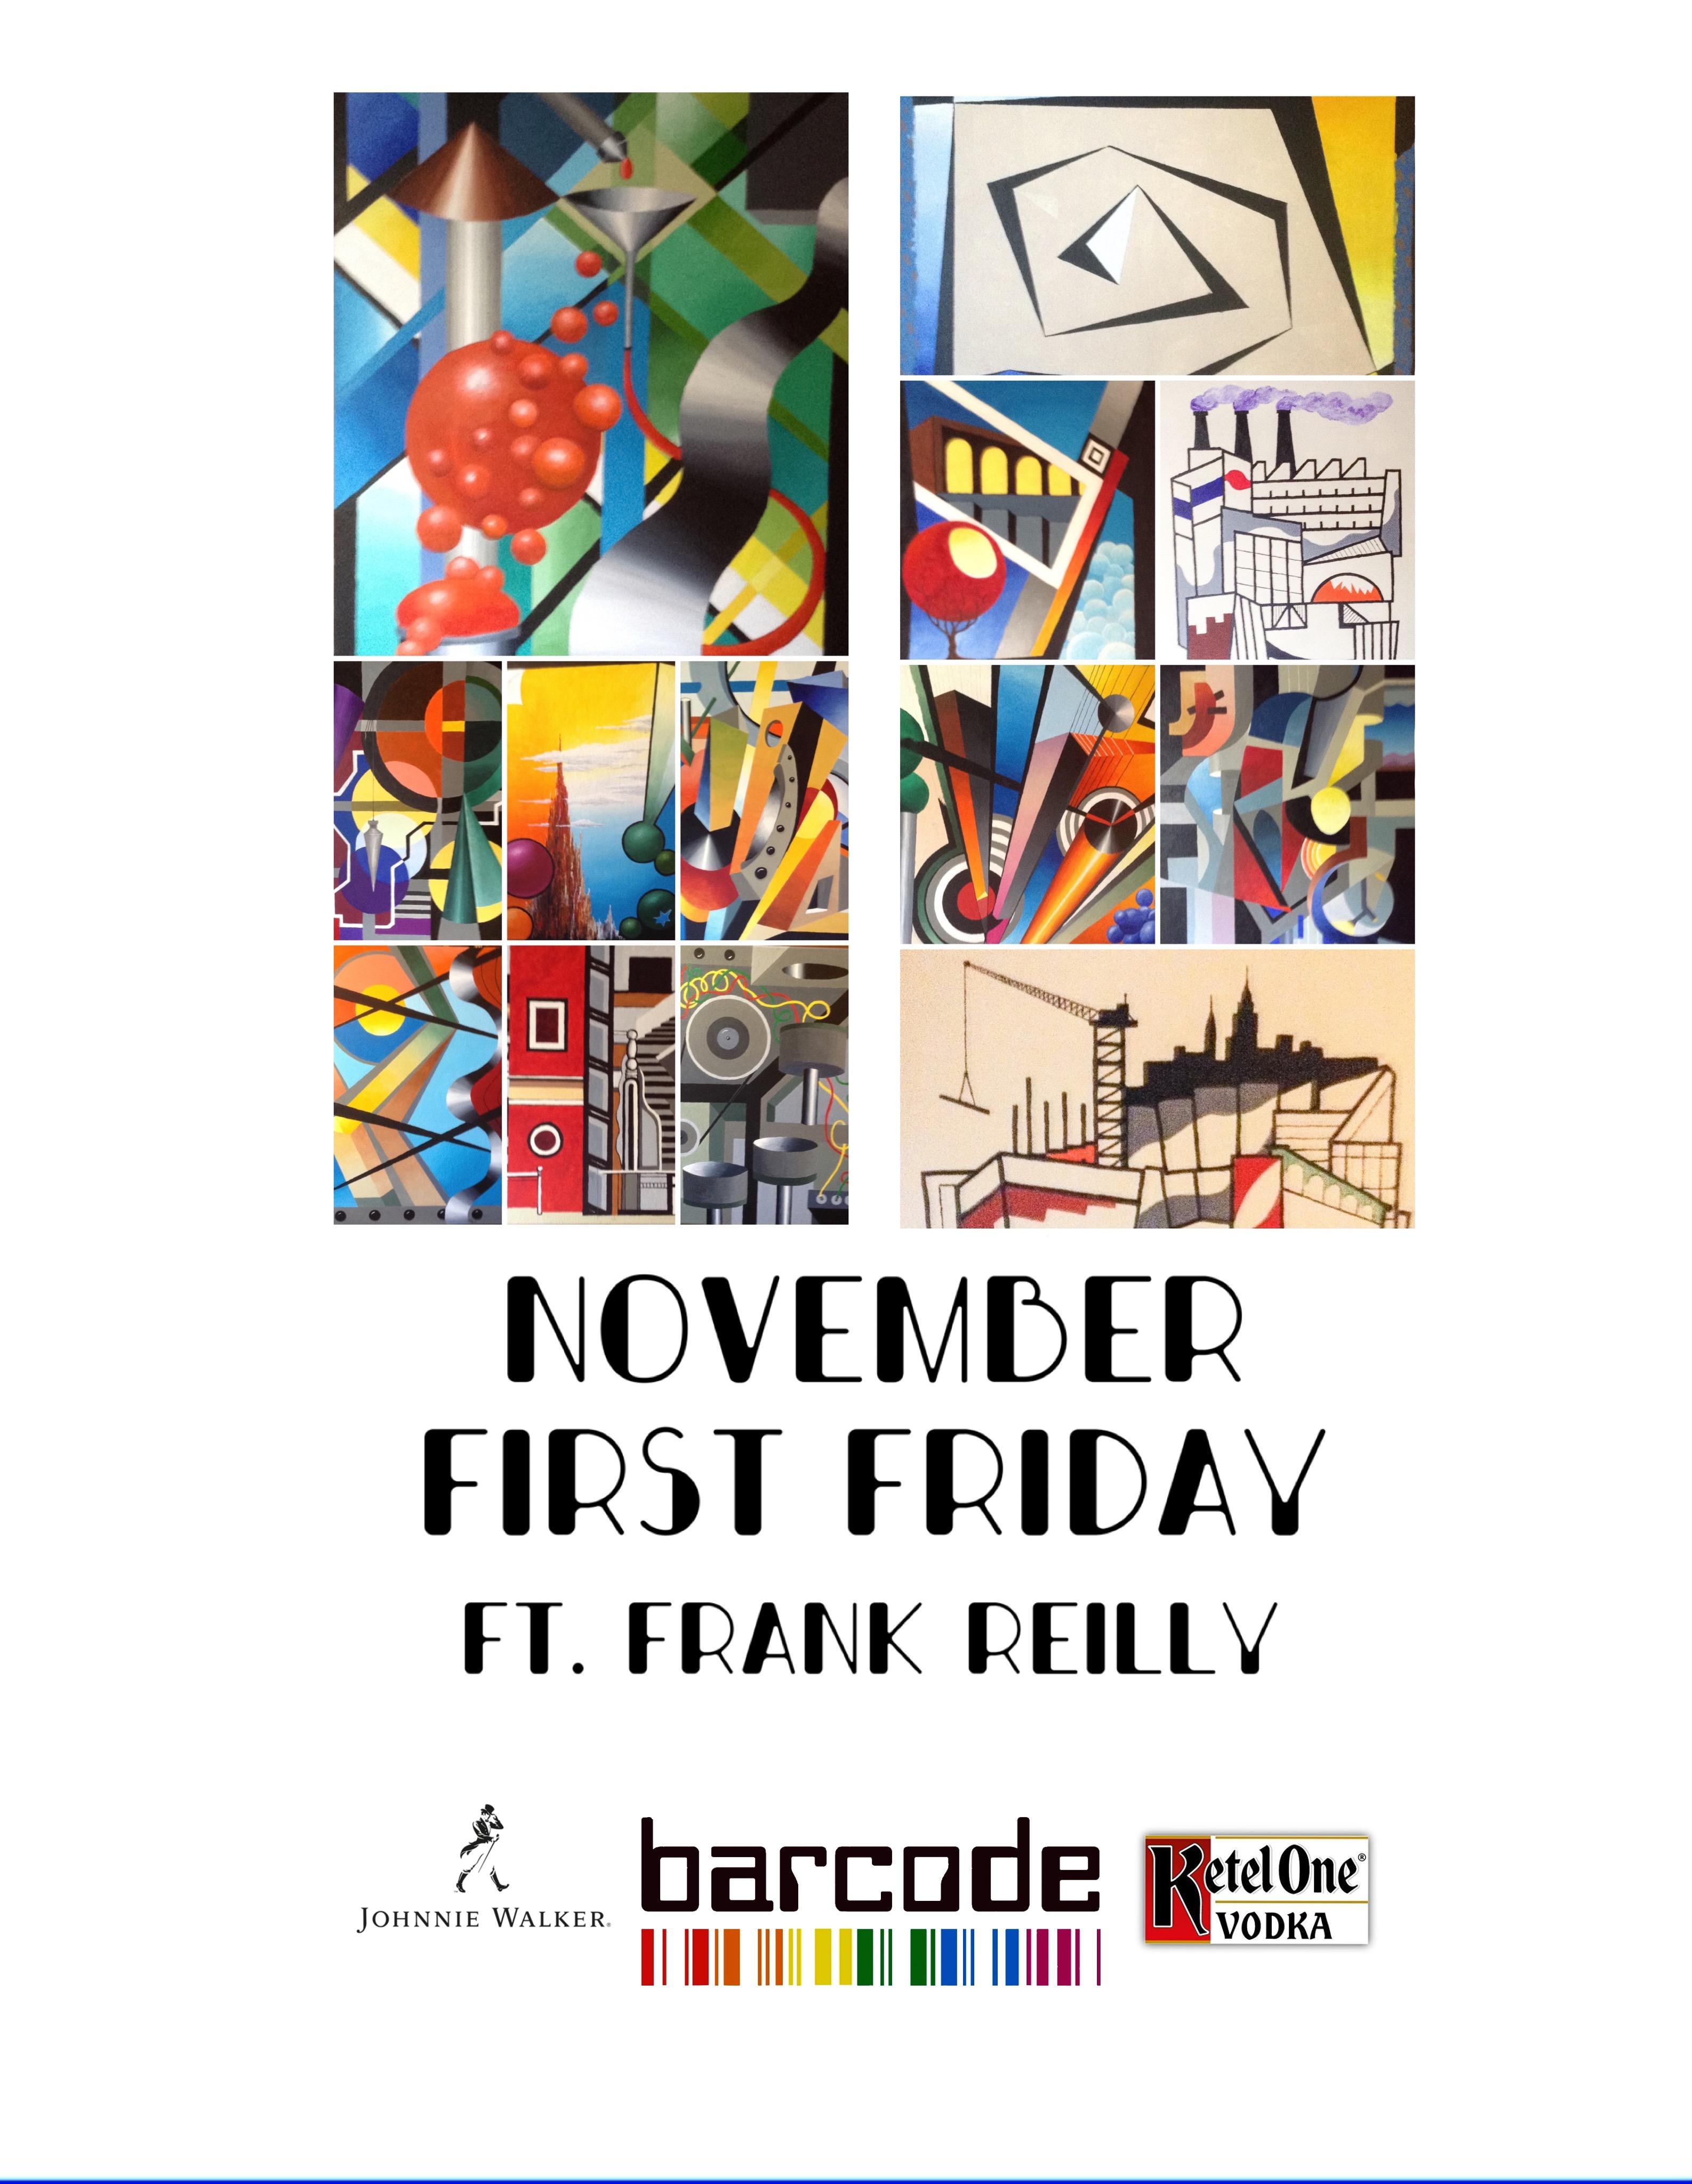 191101-03 - November 2019 Art Show Flyer